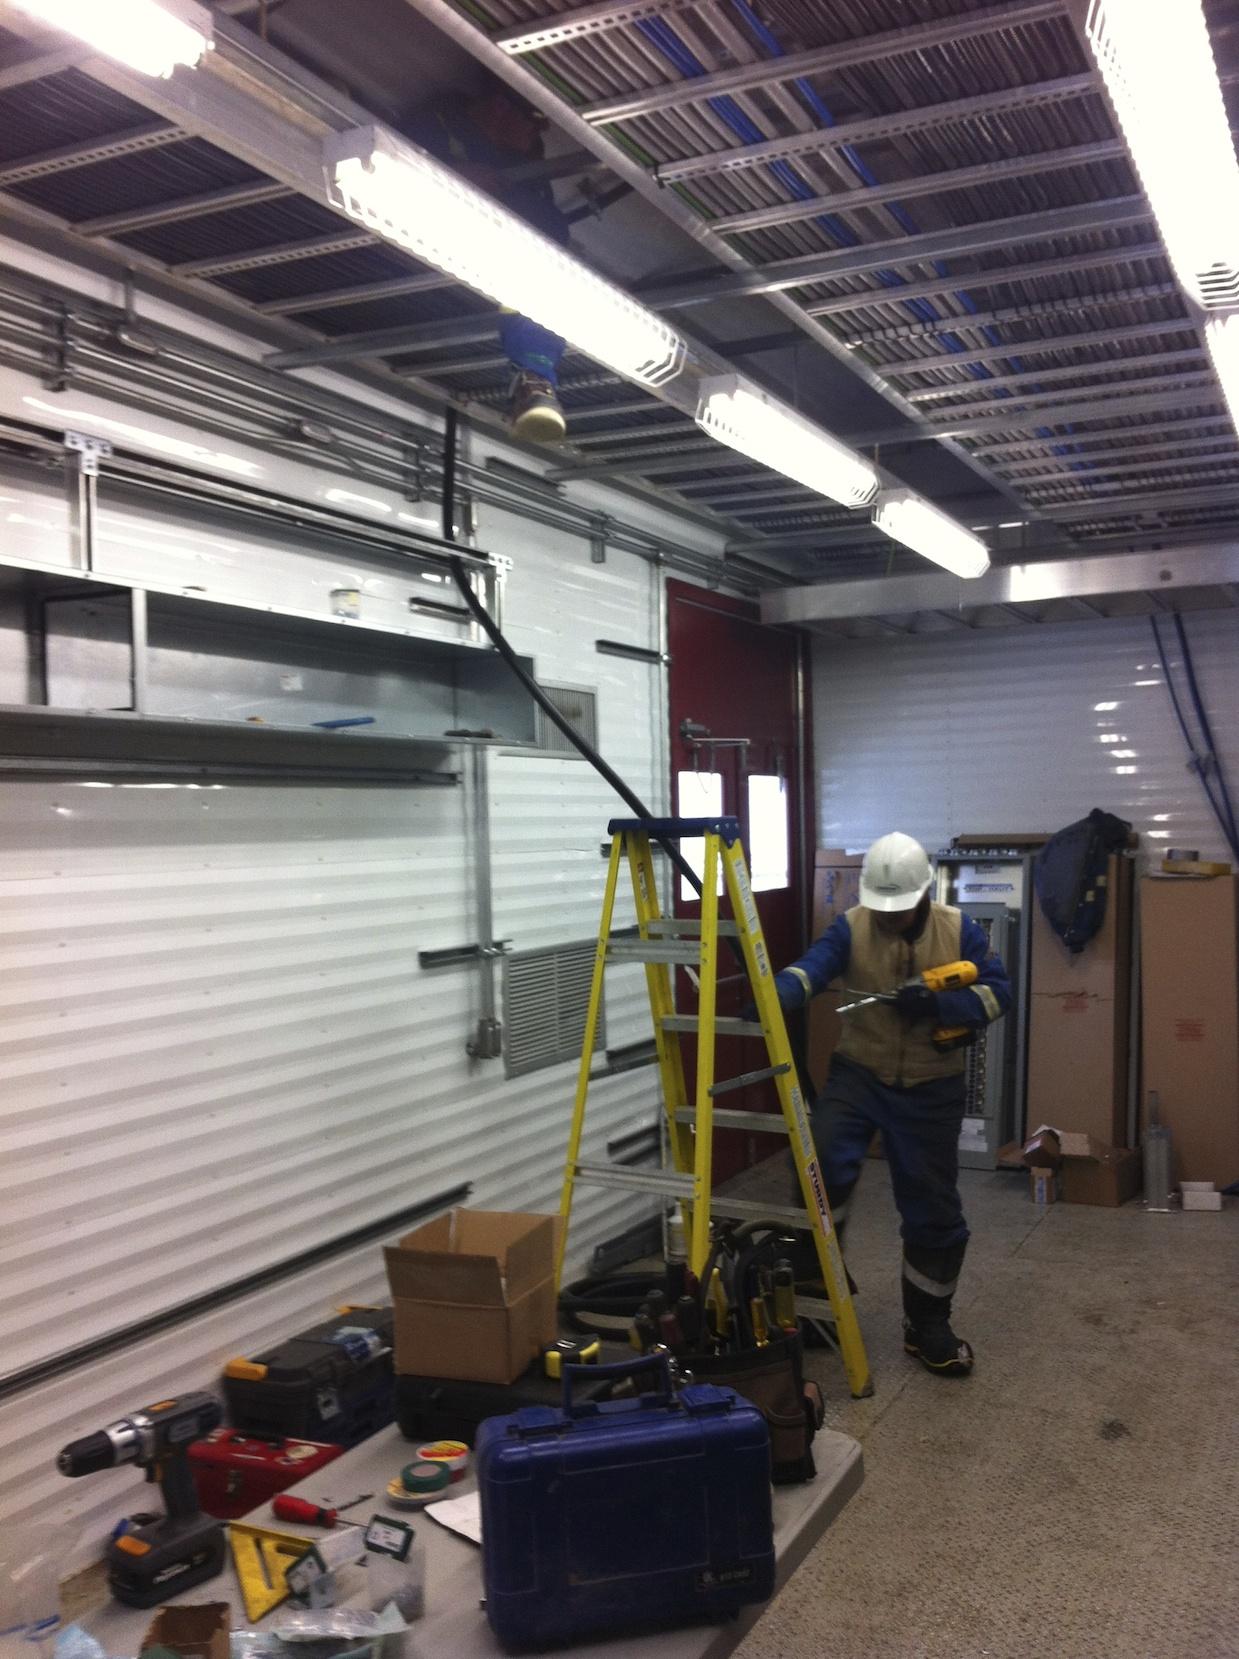 Always practice safety at work.